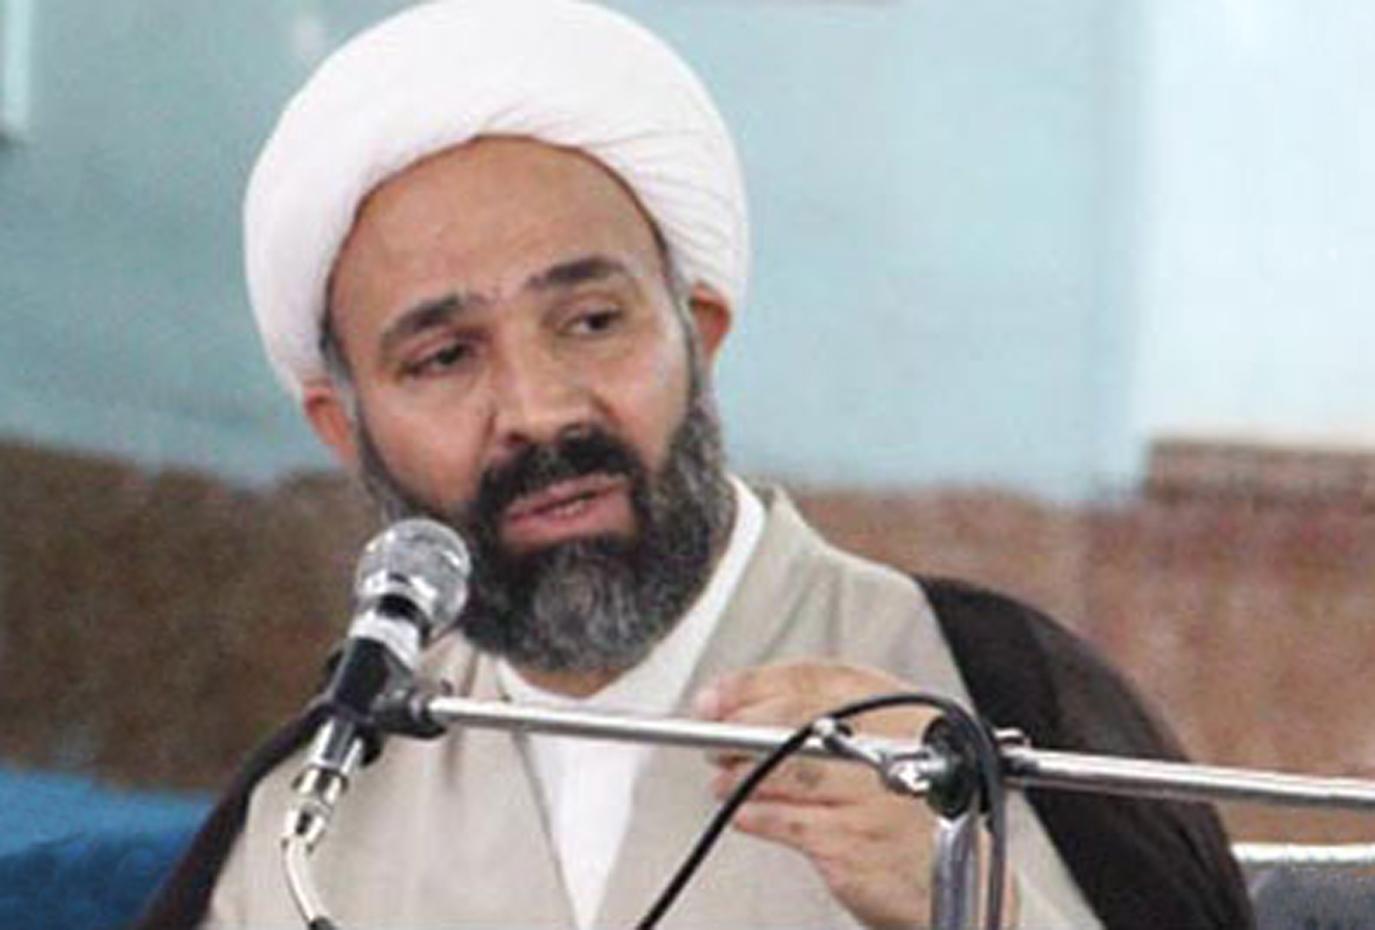 ۰۱ شهریور ۲۰۱۶ - پایگاه اطلاع رسانی حجت الاسلام پژمان فر